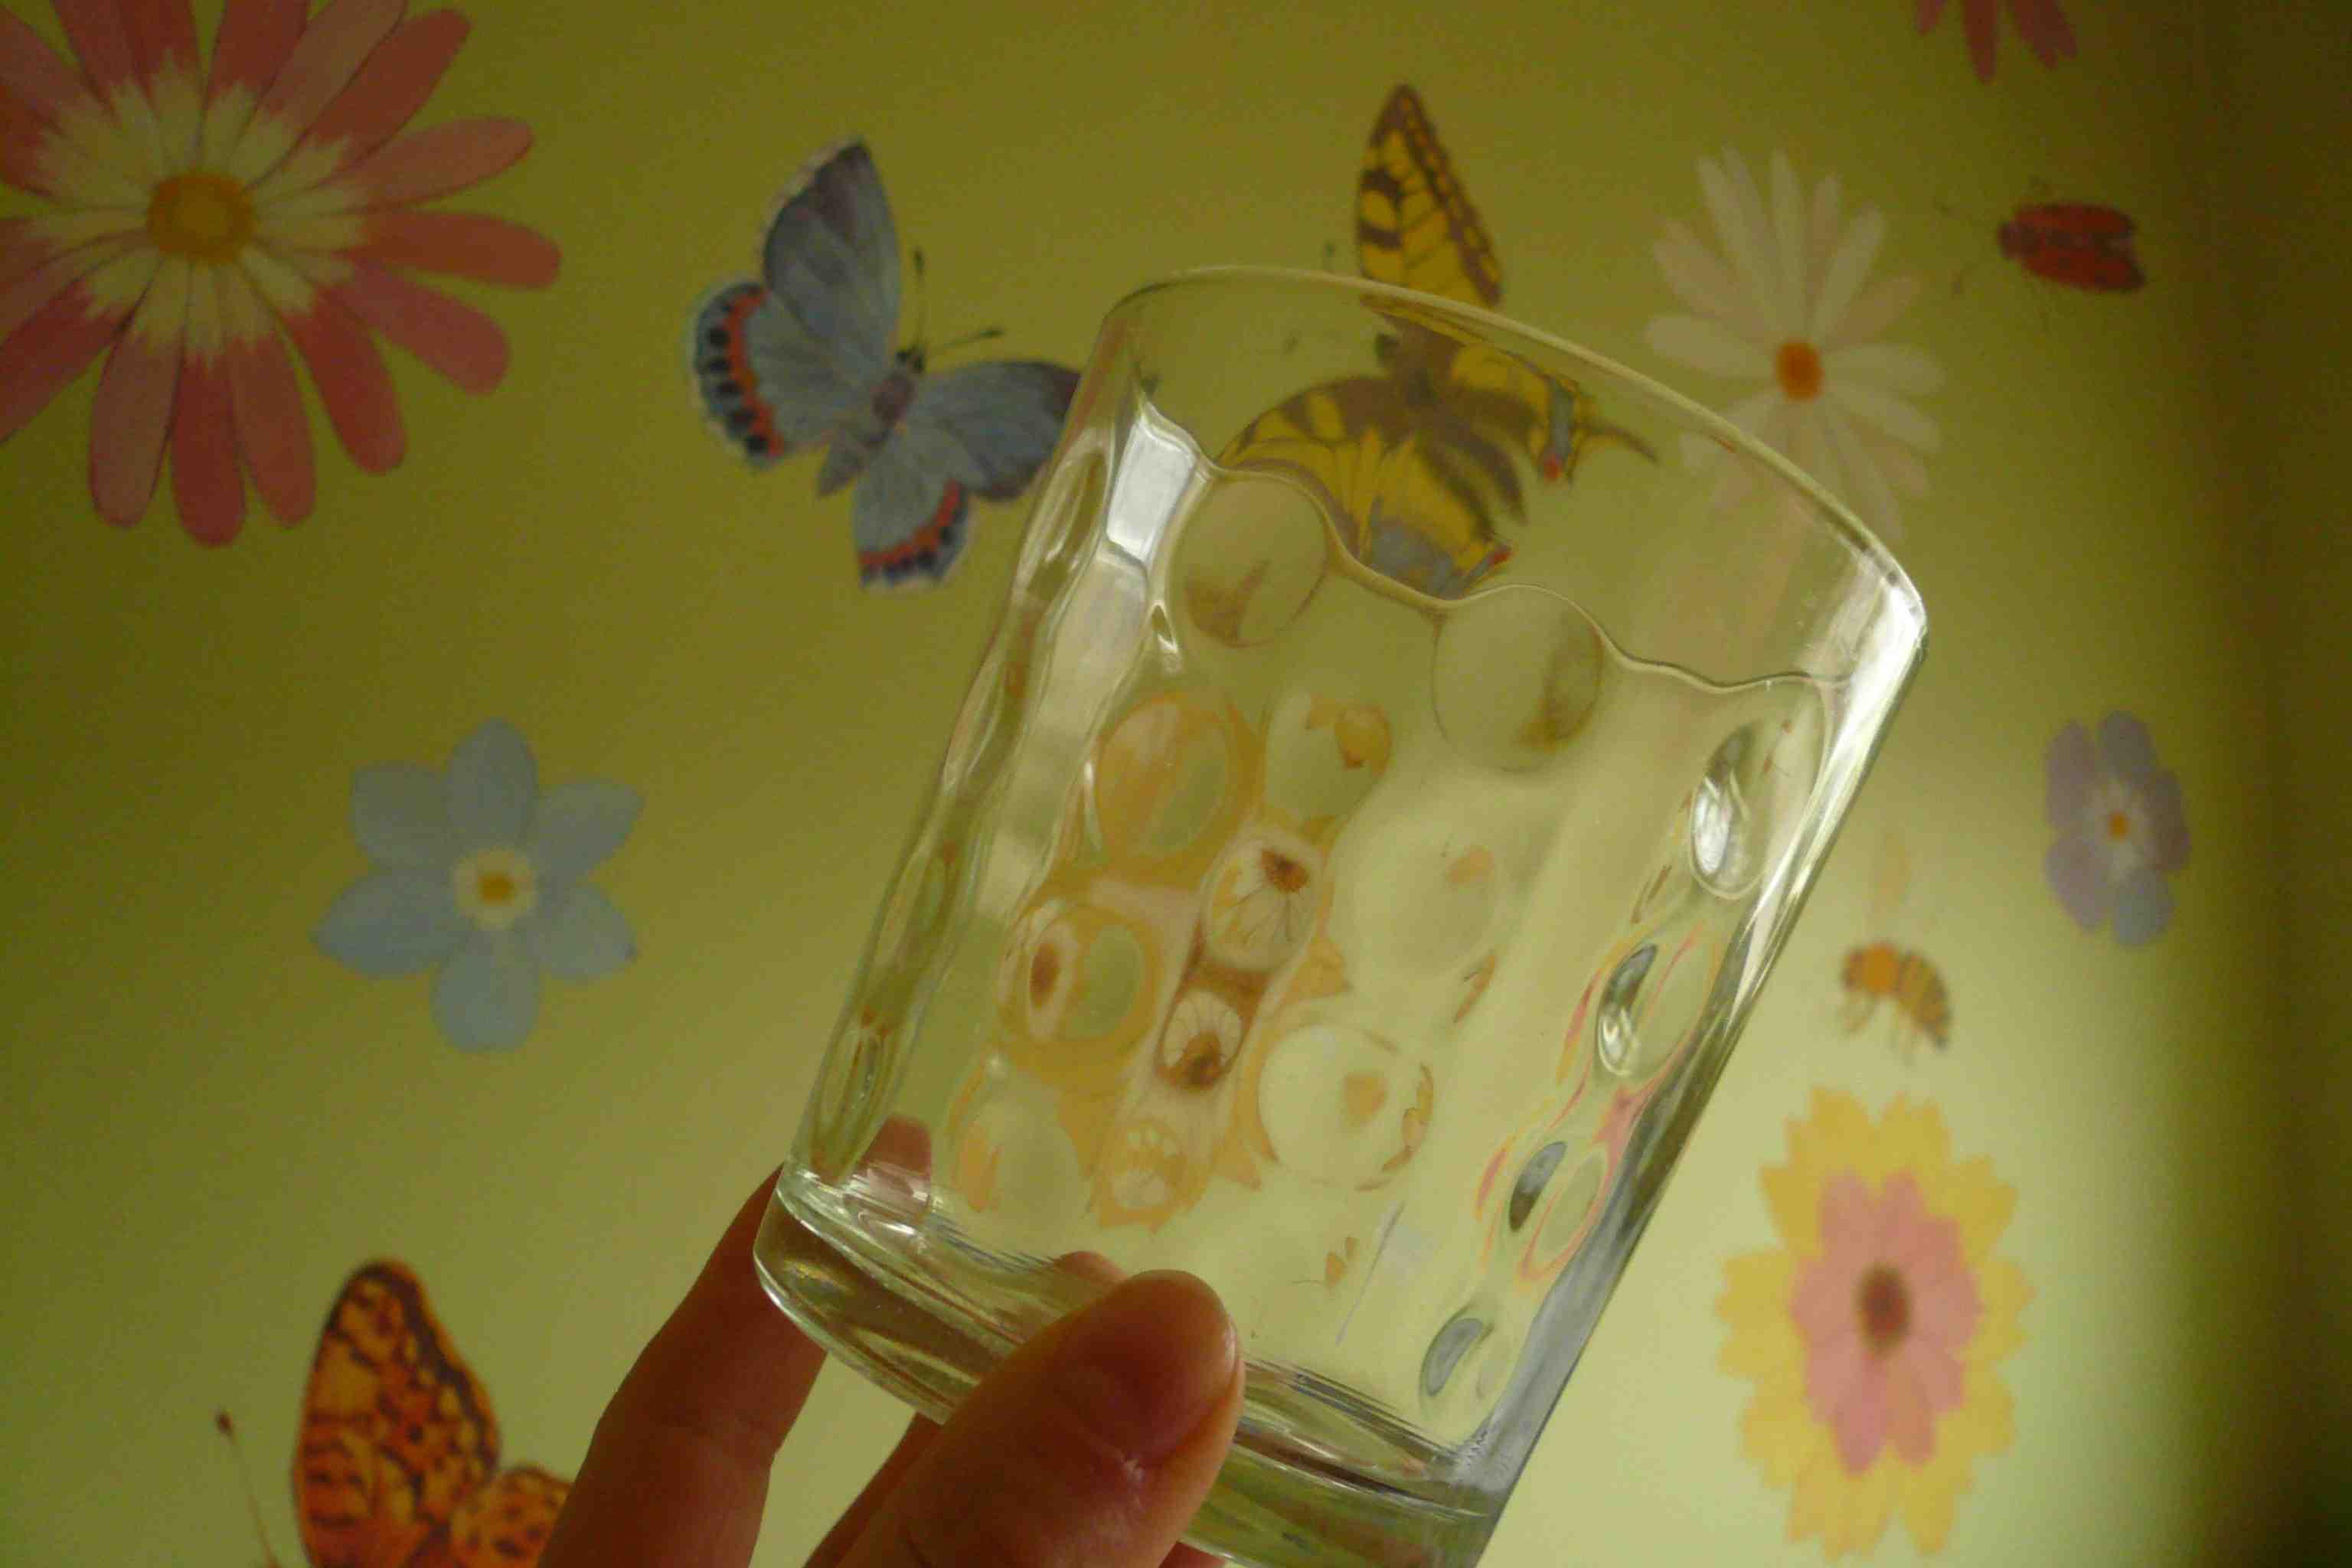 стакан, вымытый таблетками iKeep